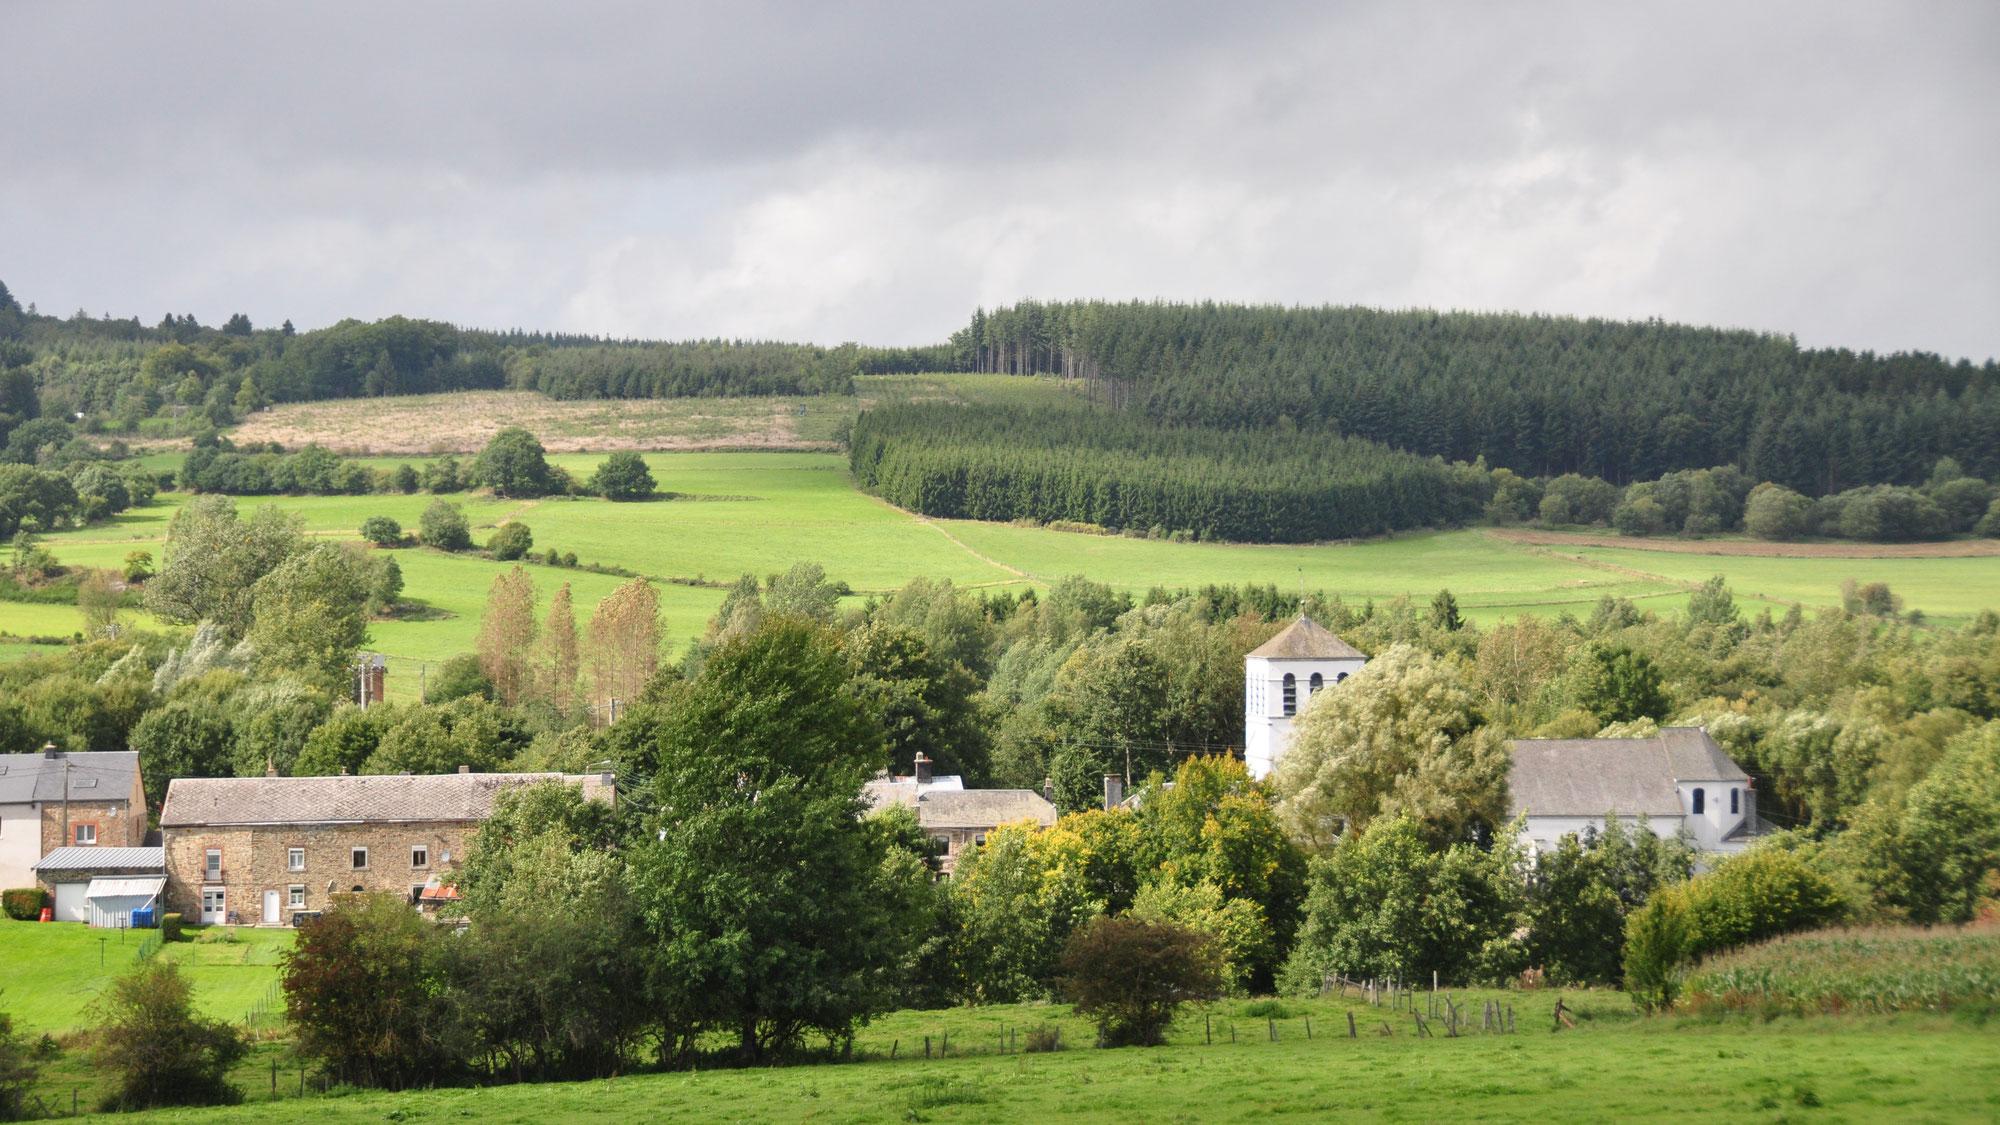 Modification du tracé du GR 14 entre Amberloup et Saint-Hubert  (Etape n° 4.2)